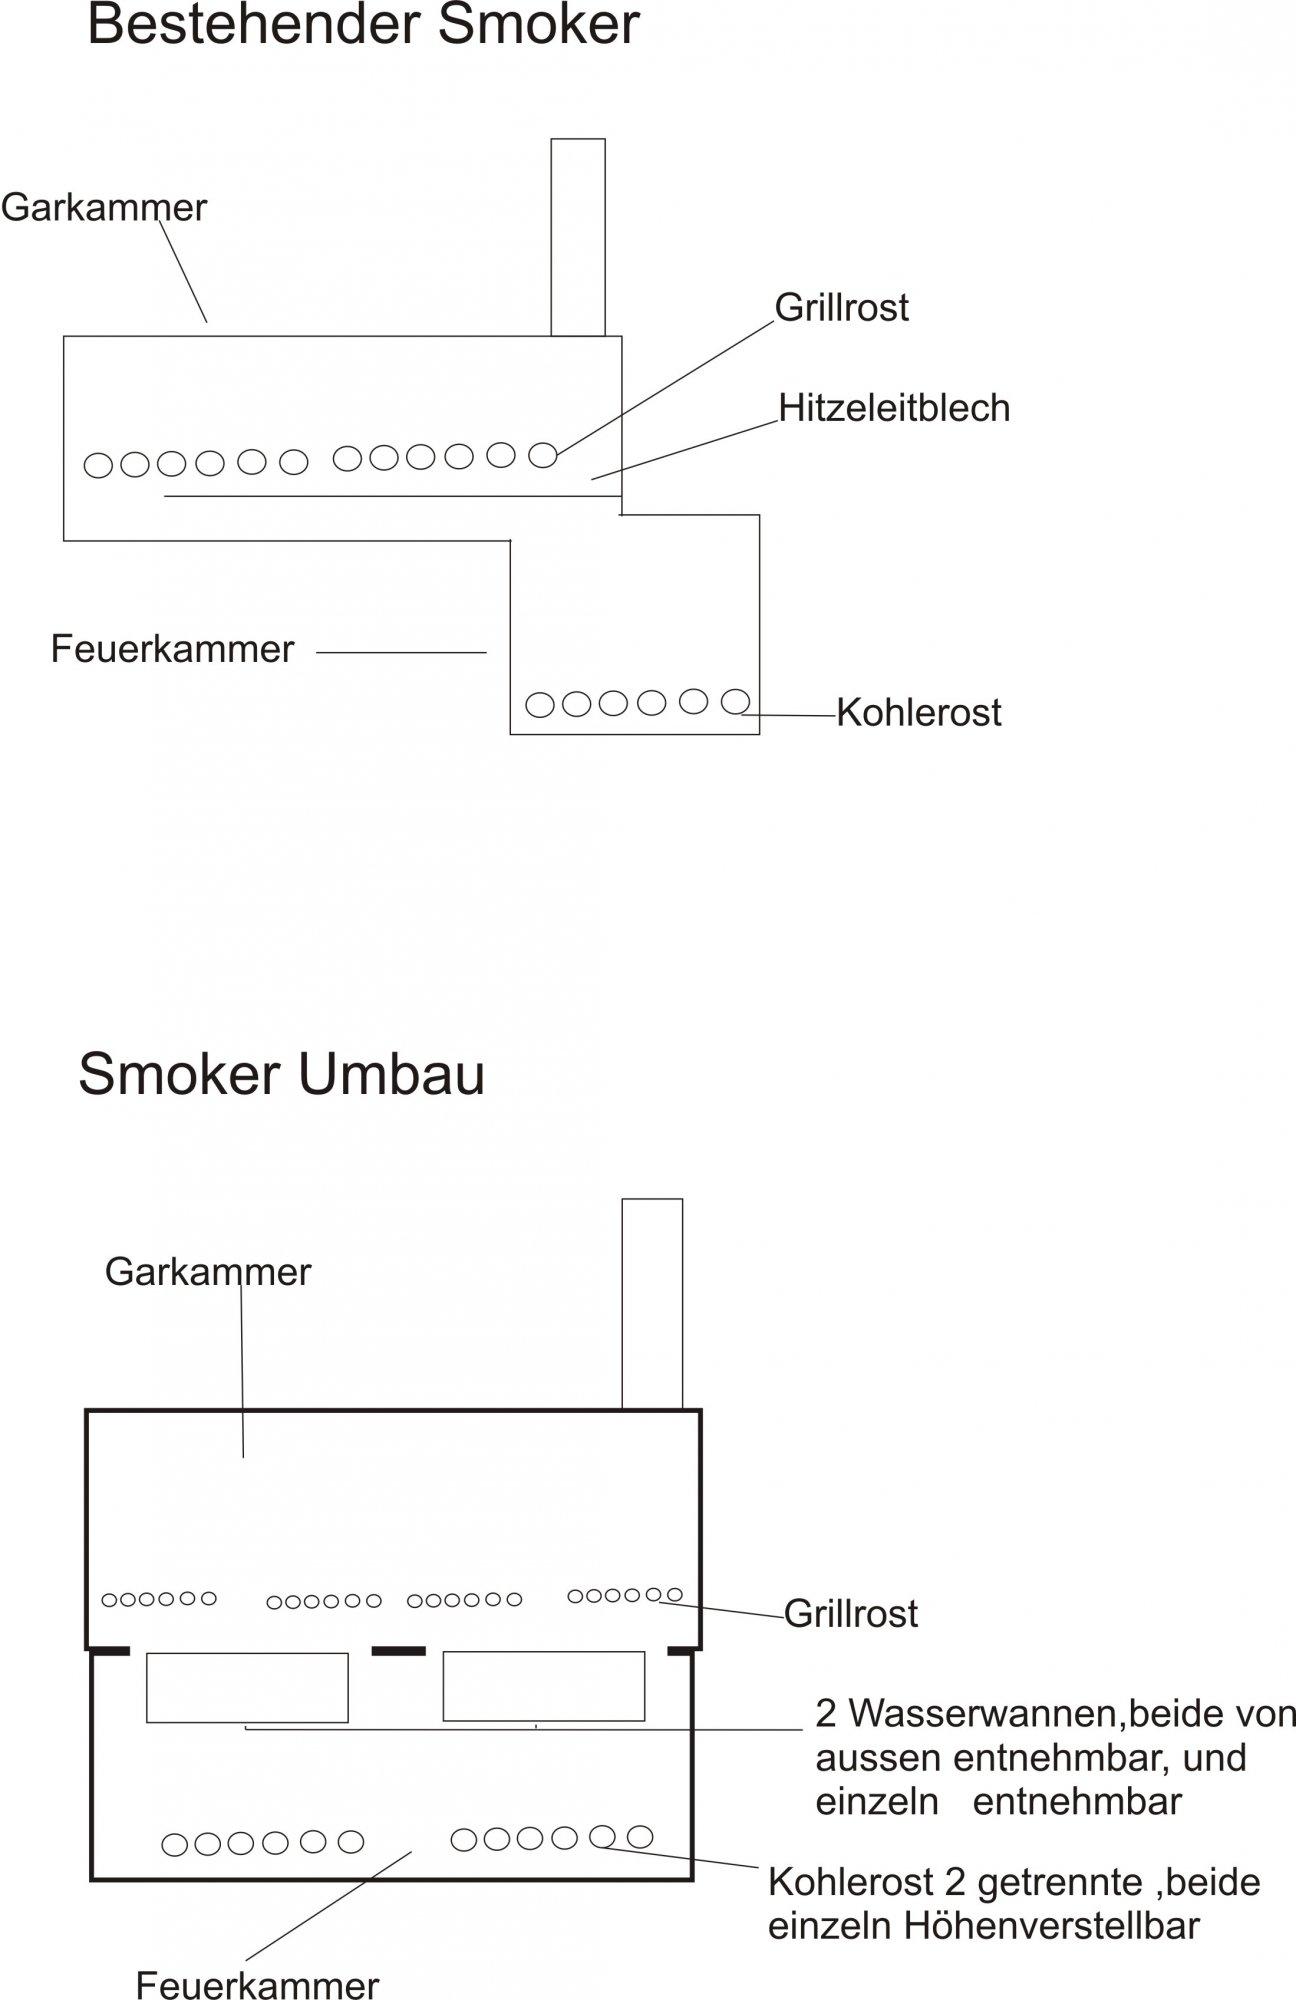 Smoker umbau.jpg